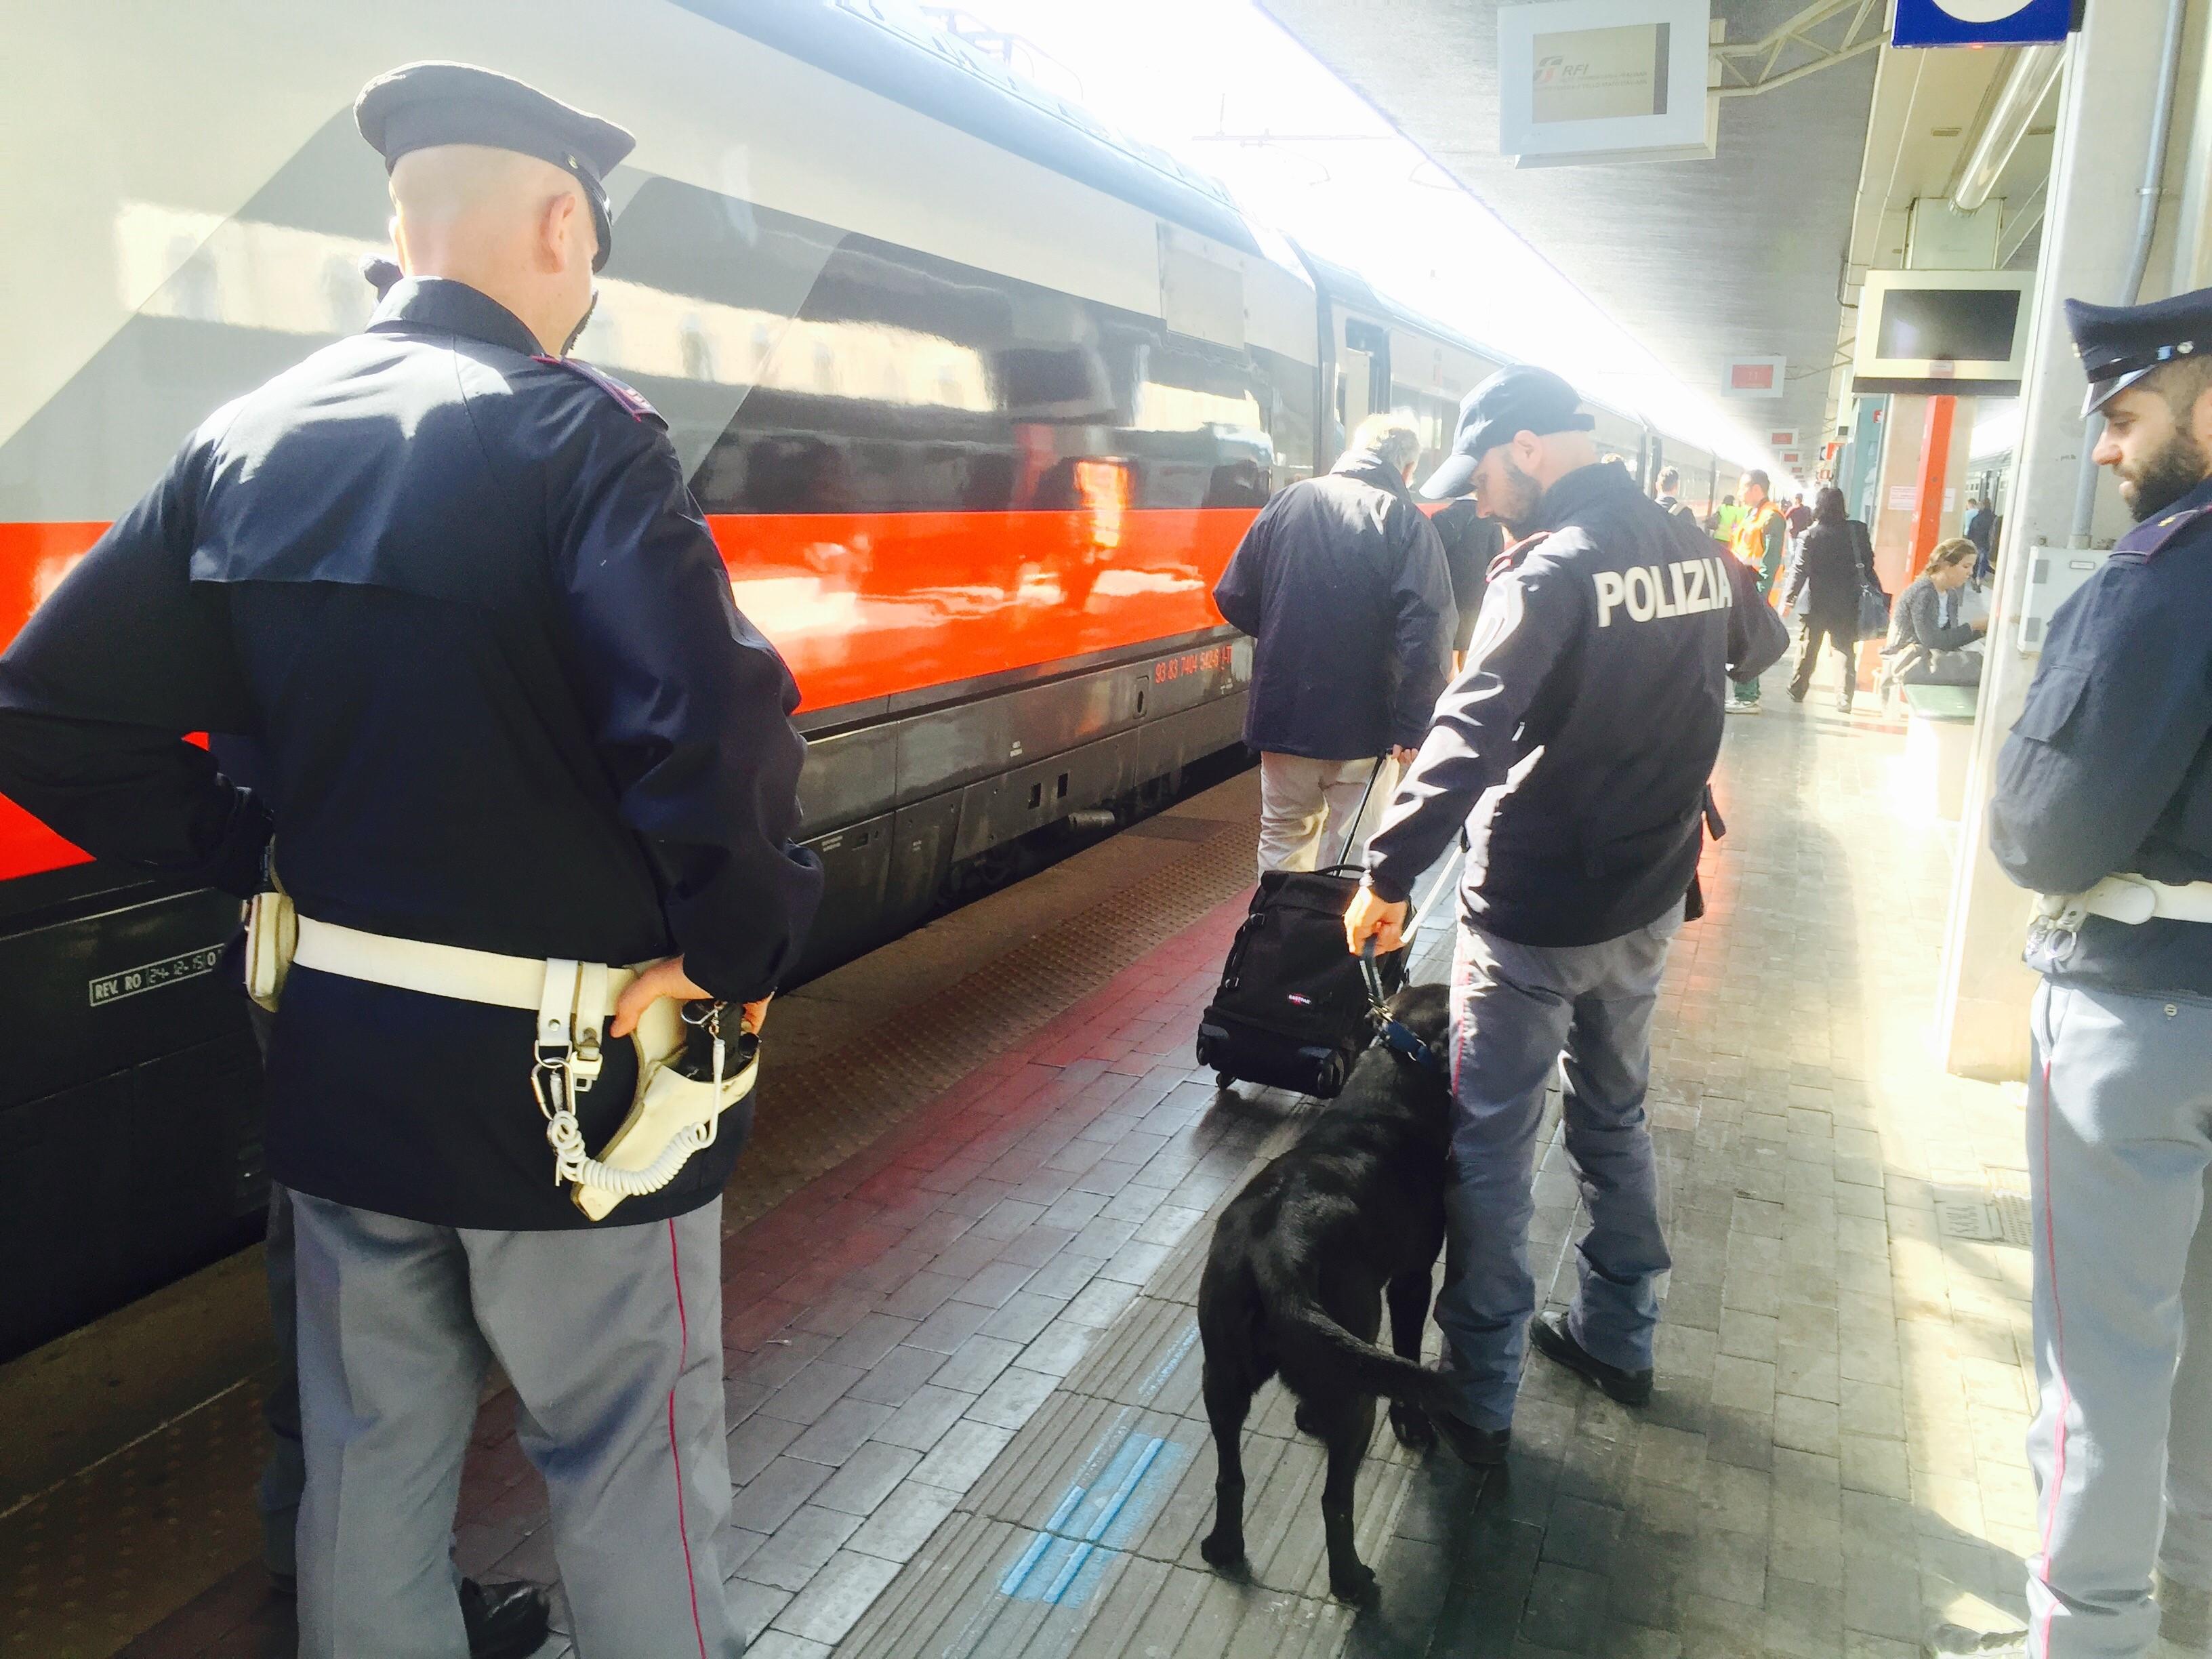 'Operazione oro rosso', arrestati due rumeni per furto di rame